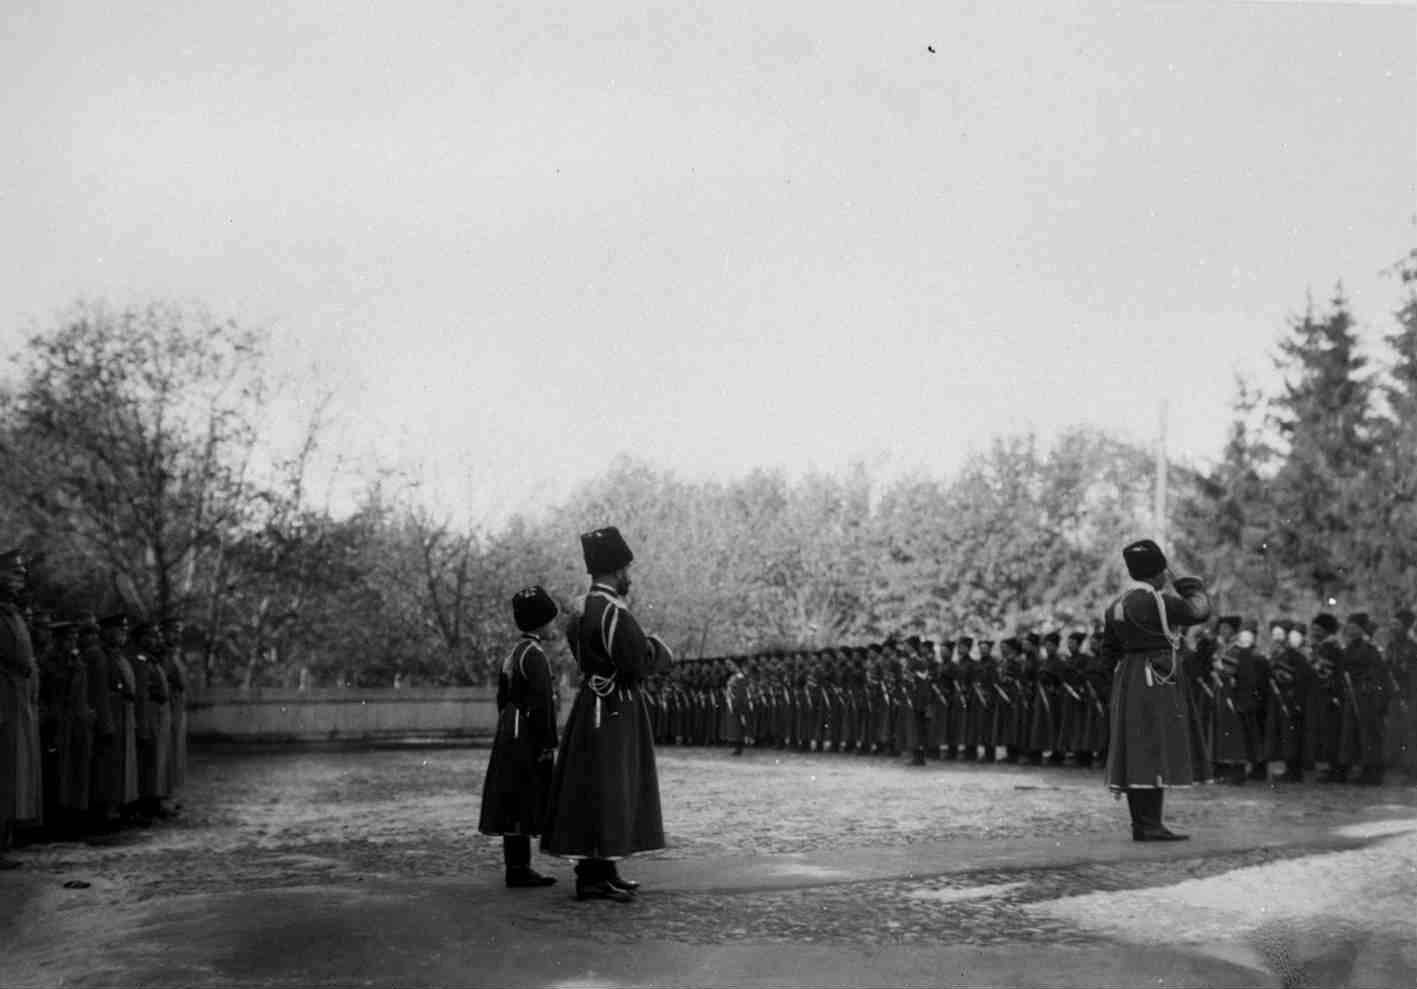 1915. Николай II с наследником перед собственным своим конвоем в составе в Могилеве на плацу